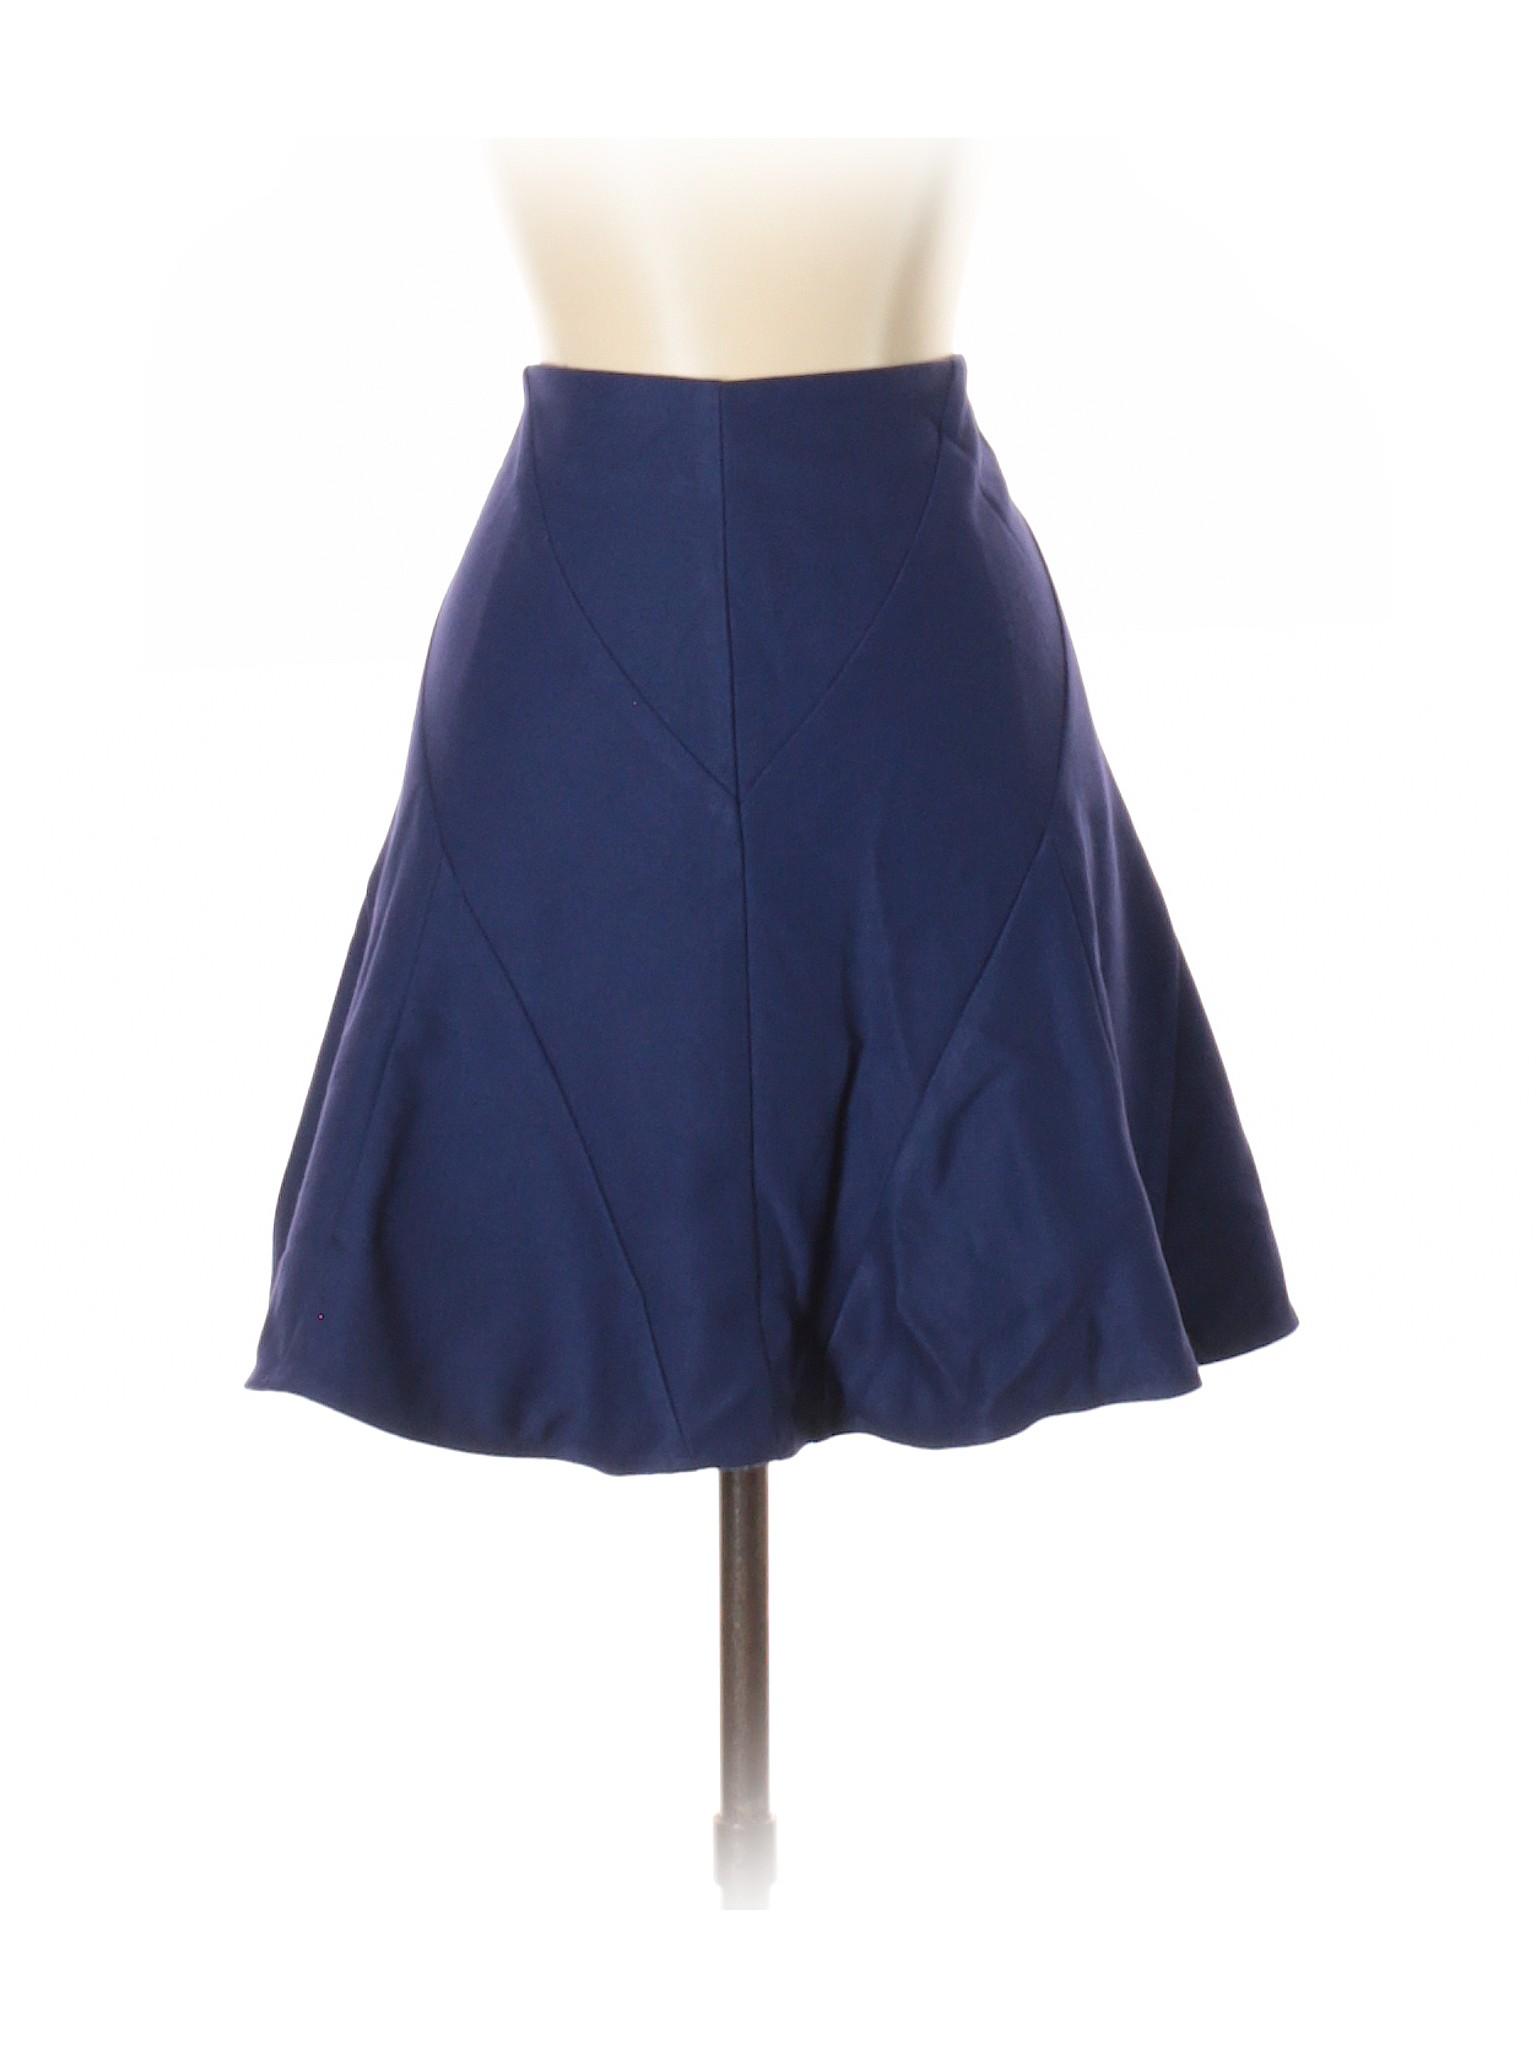 Skirt Casual Skirt Casual Boutique Boutique Casual Skirt Boutique Casual Casual Skirt Boutique Boutique pq74F